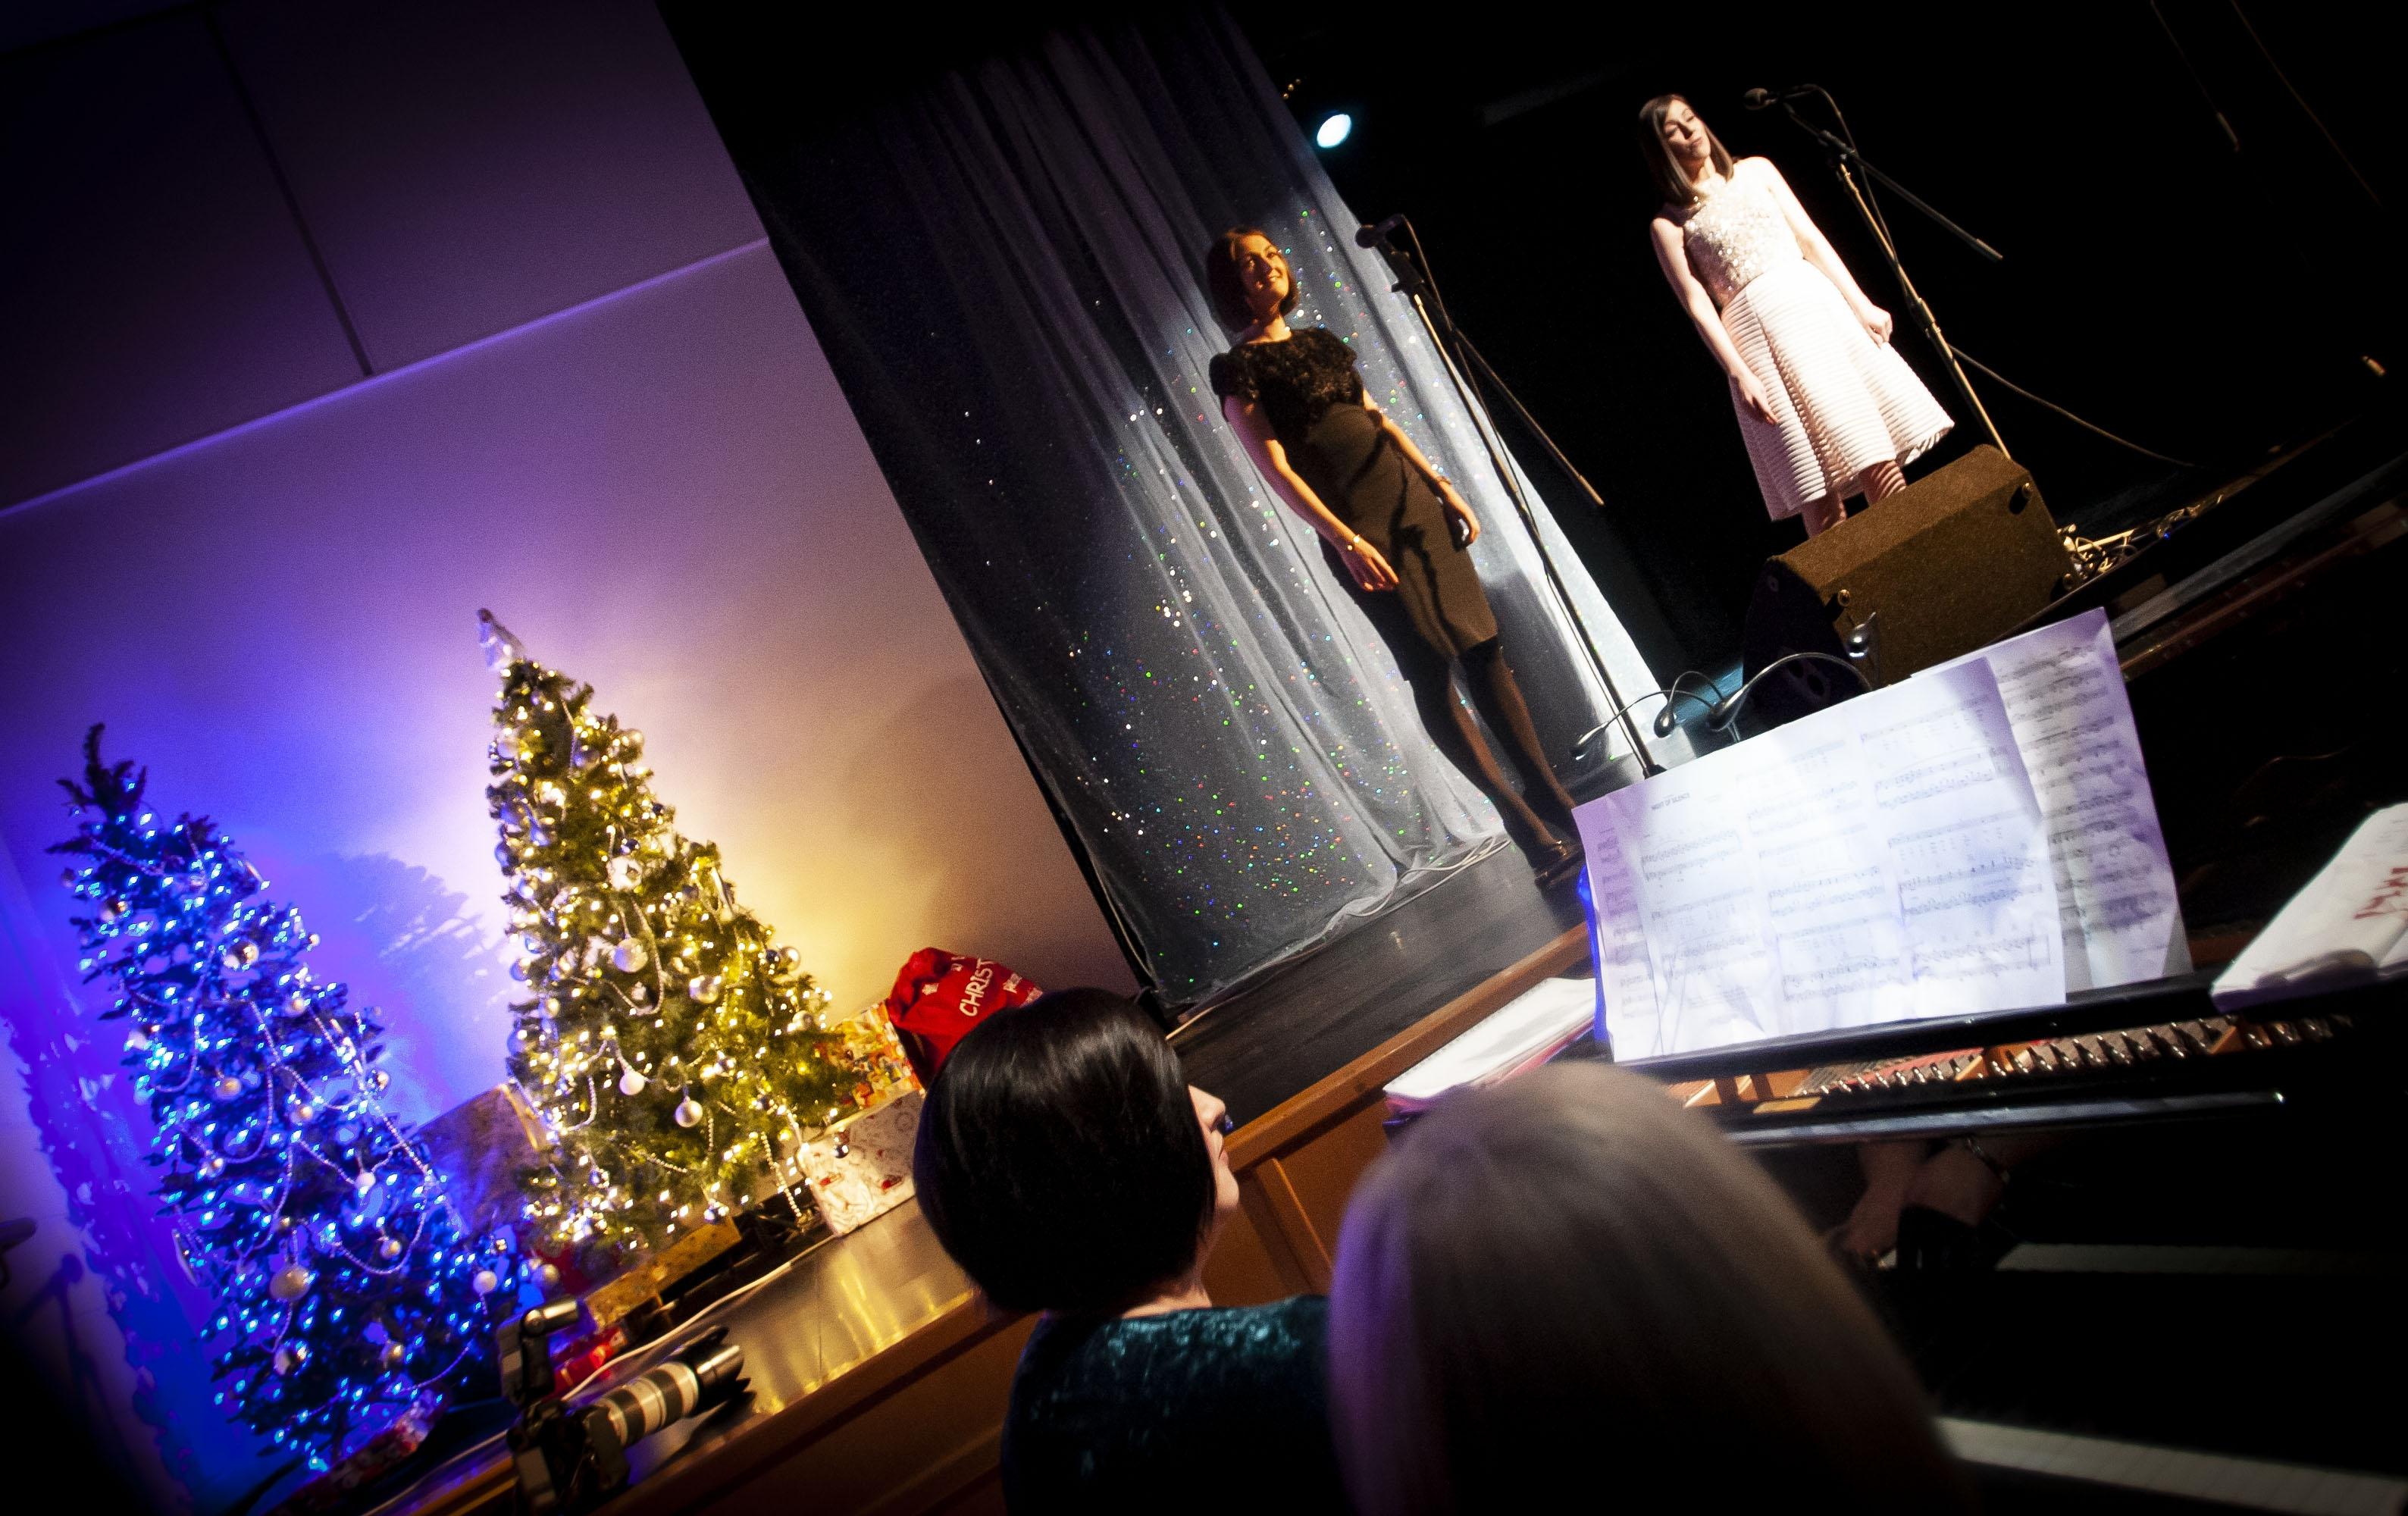 11-12-19 St. Marys Gala 06